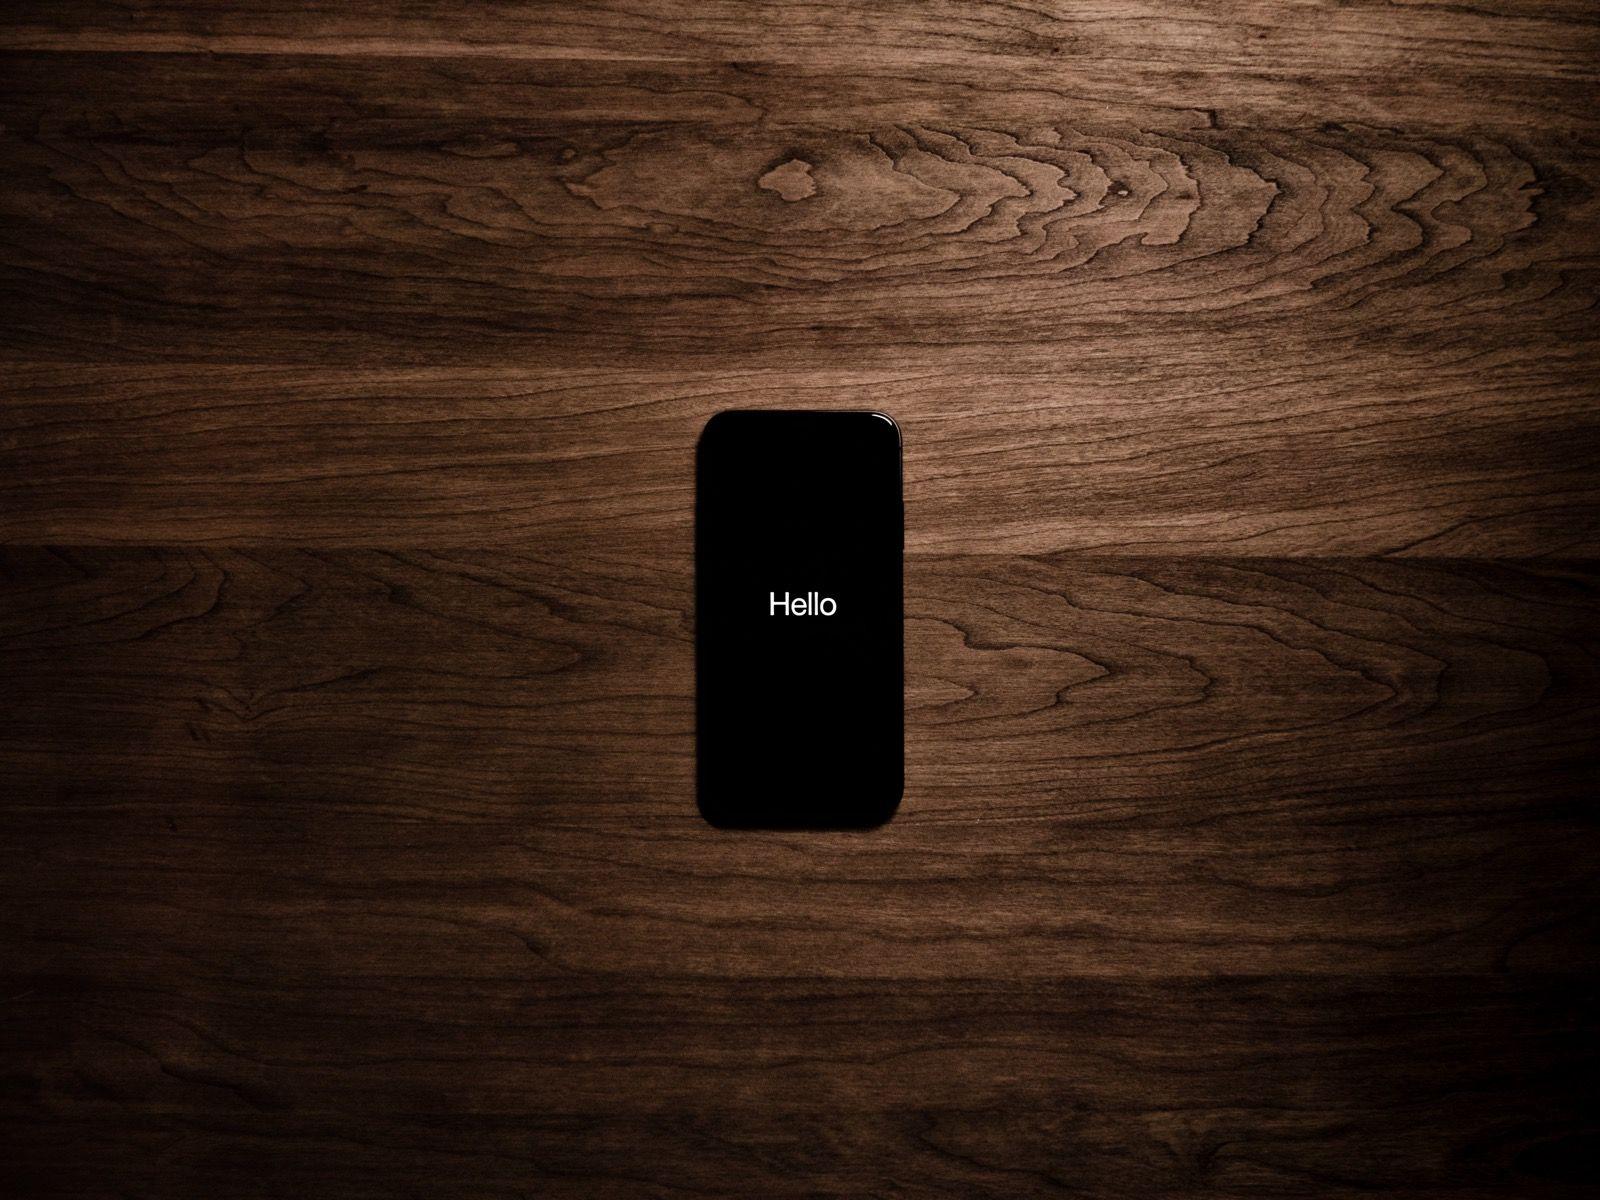 wymiana ekranu iphone 11 szczecin iphone 11 pro